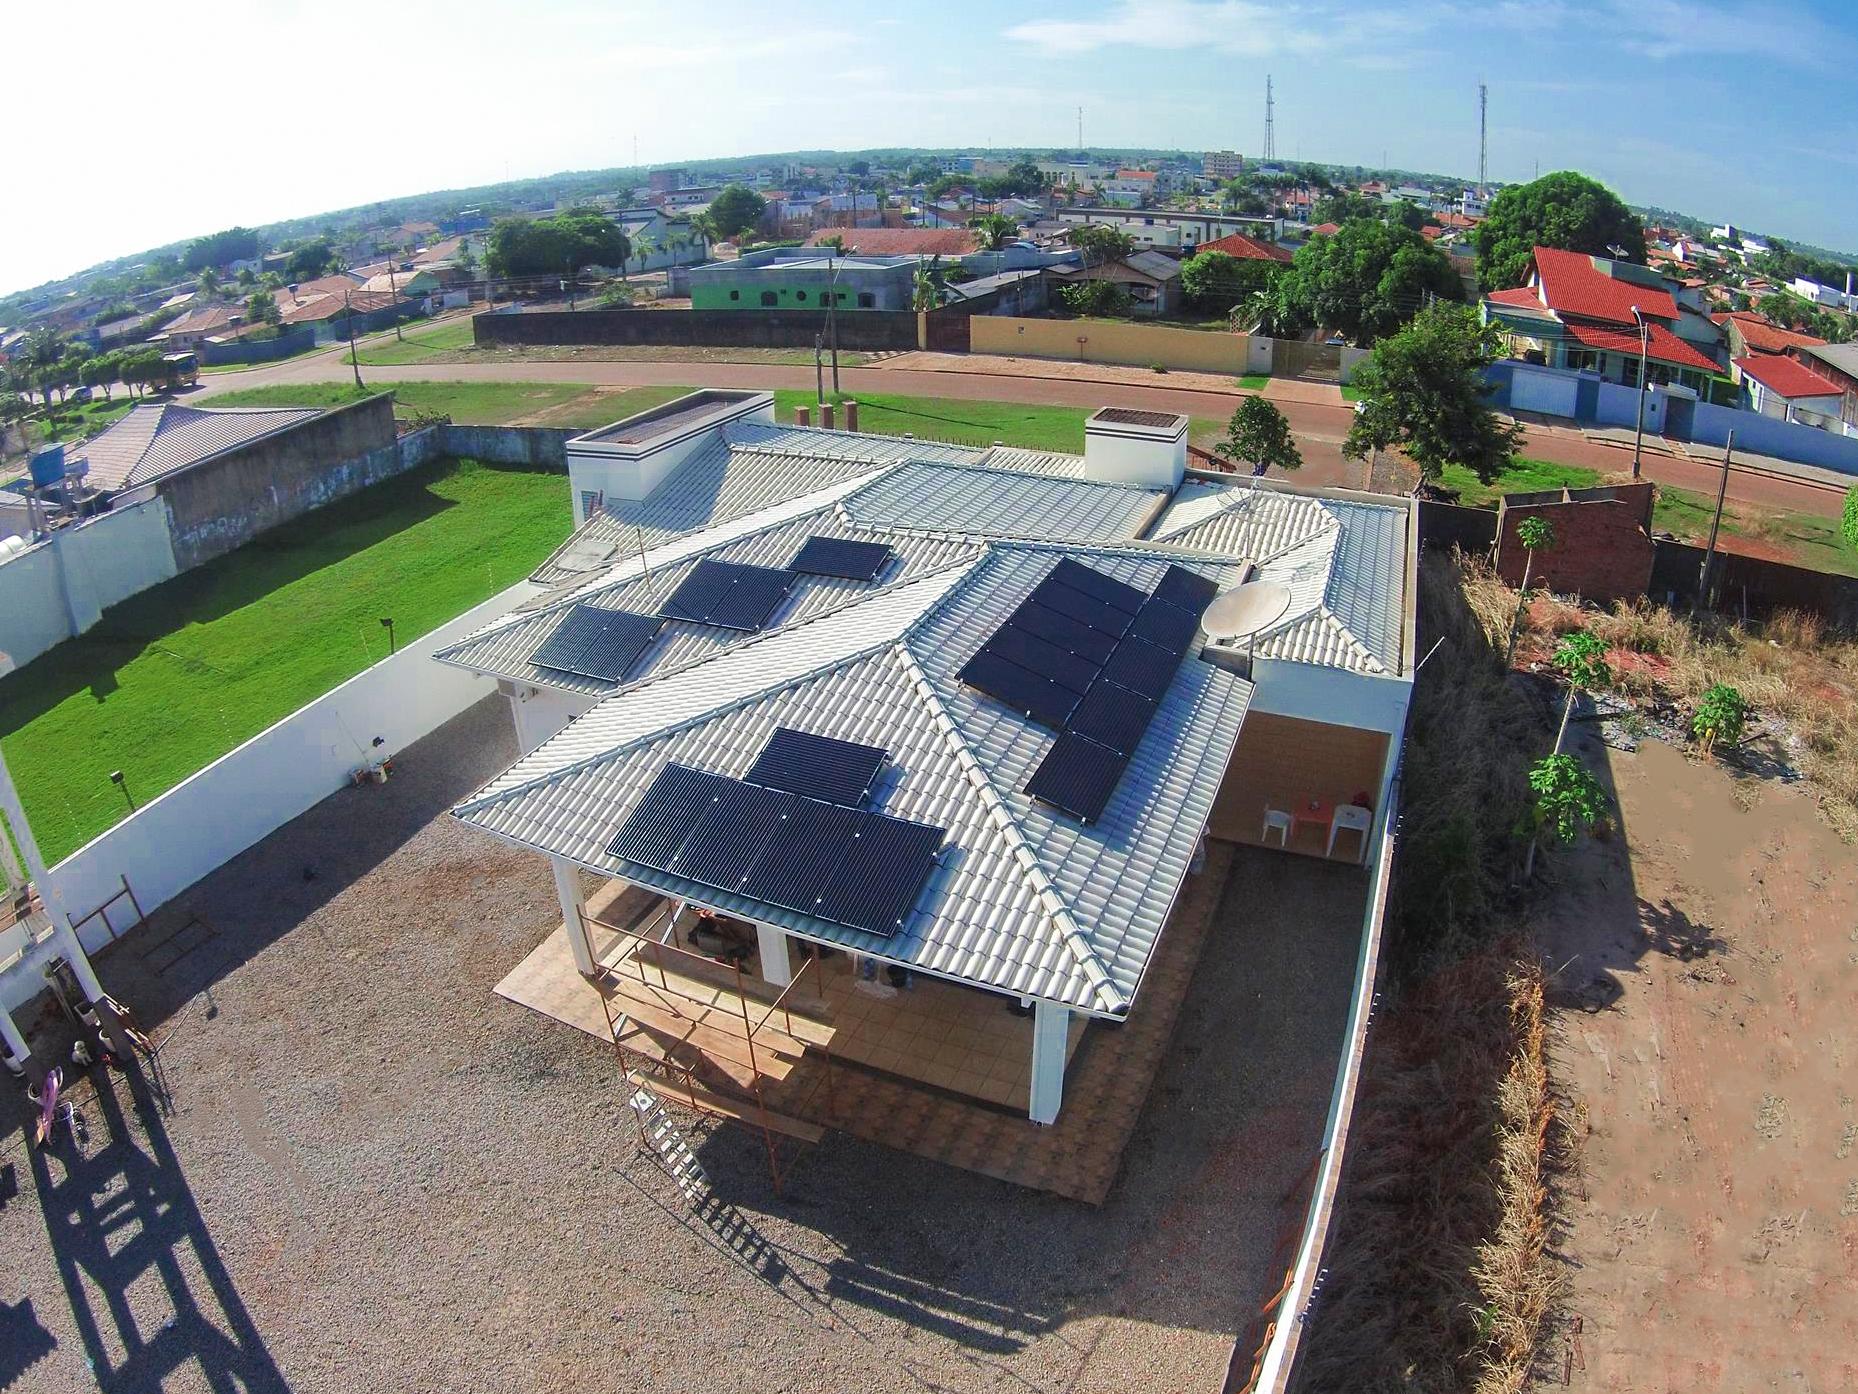 Energia solar fotovoltaica _ imóvel em construção com energia solar